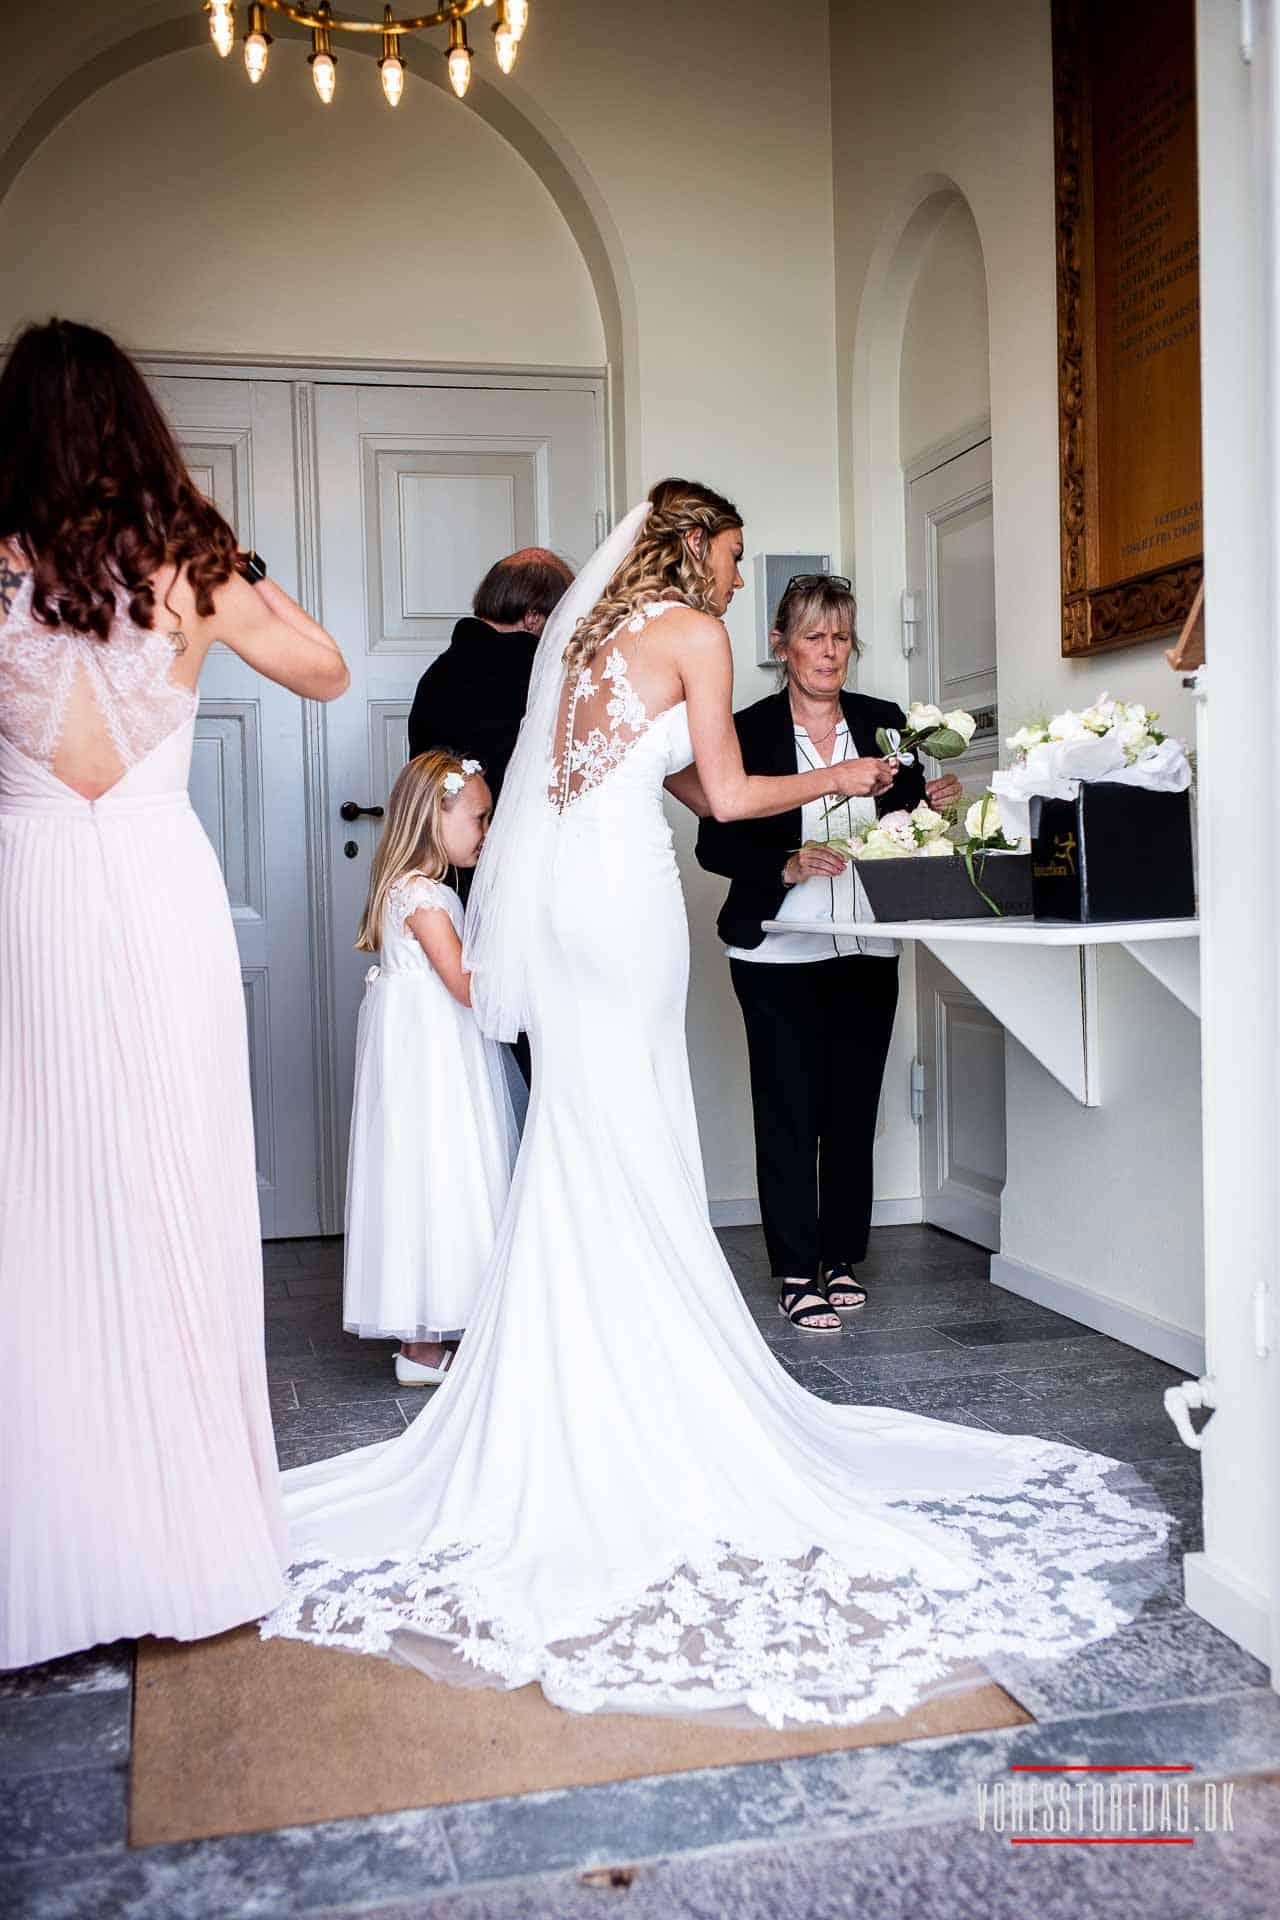 Bryllupsfotograferingen kan foregå i naturen, ved eller i kirken